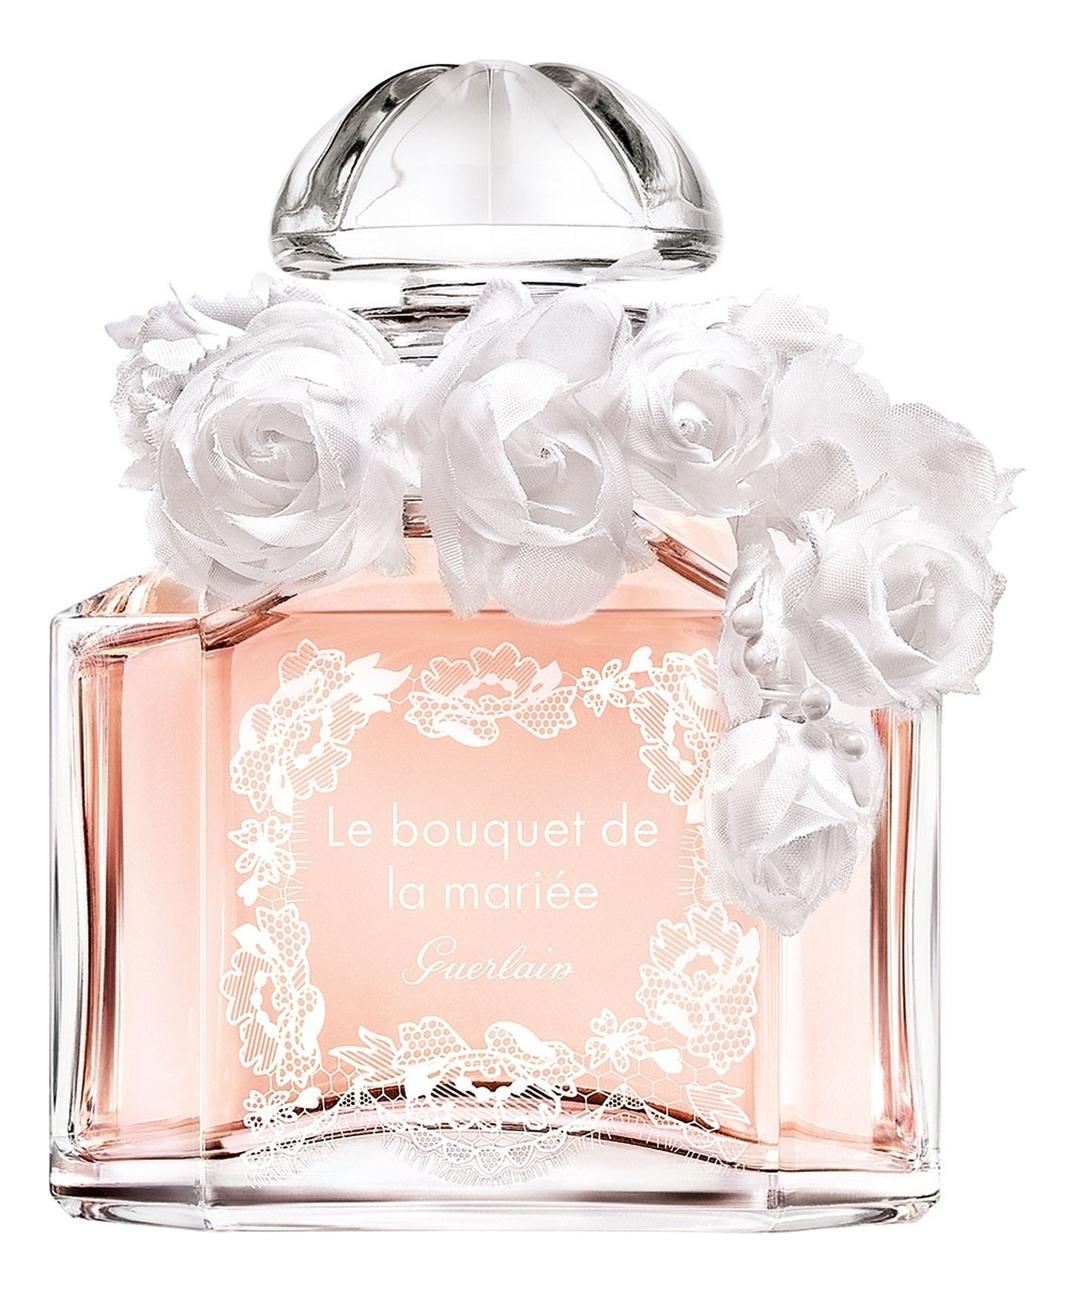 Guerlain Le Bouquet de la Mariee: духи 125мл